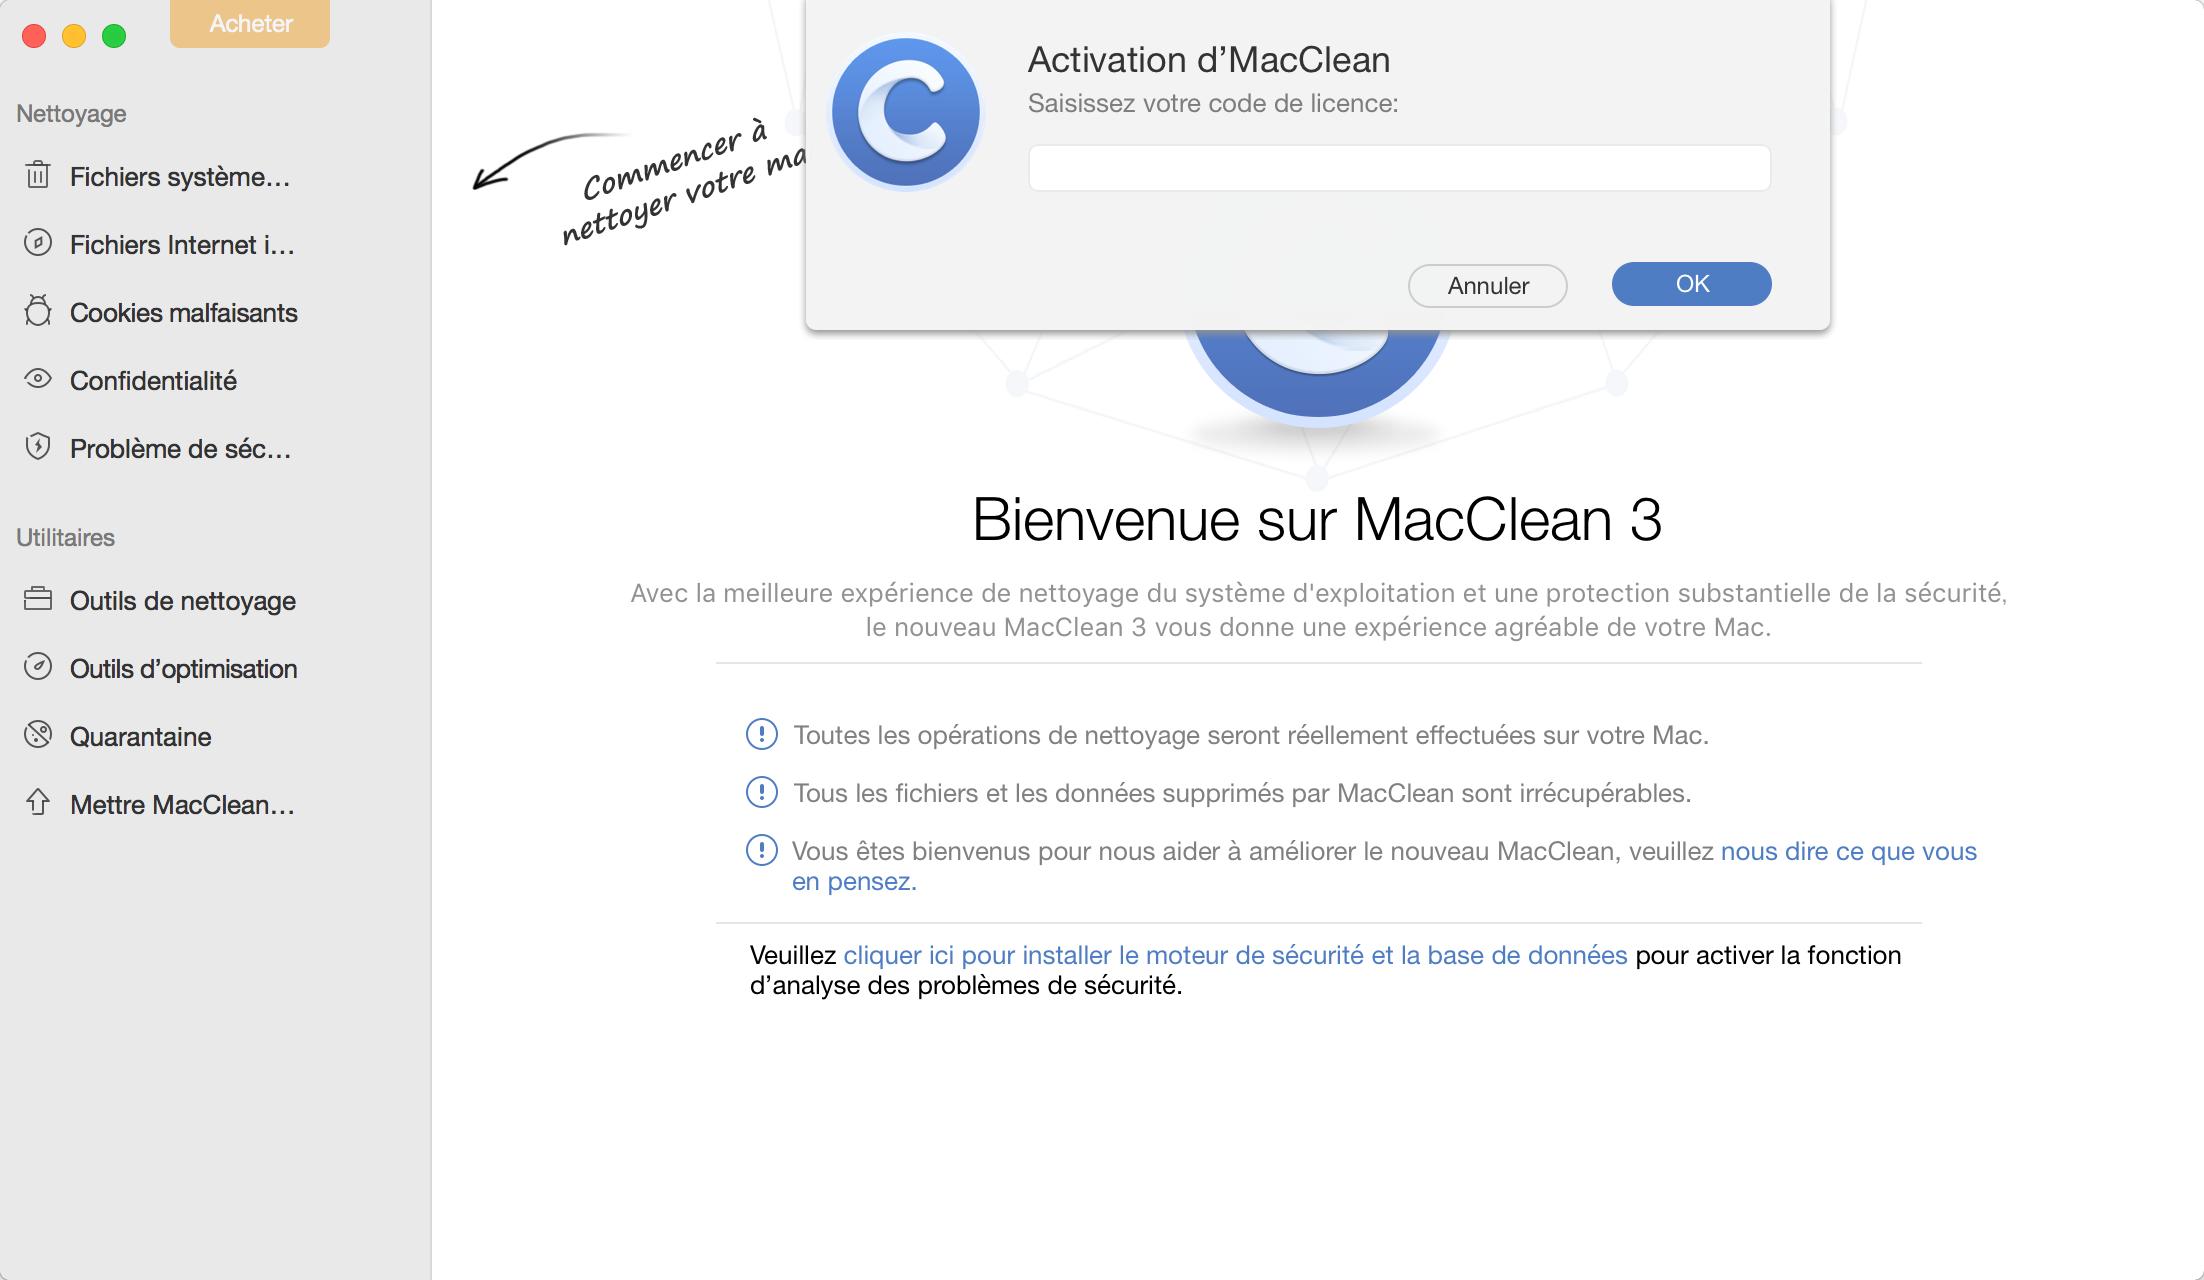 Activation de MacClean